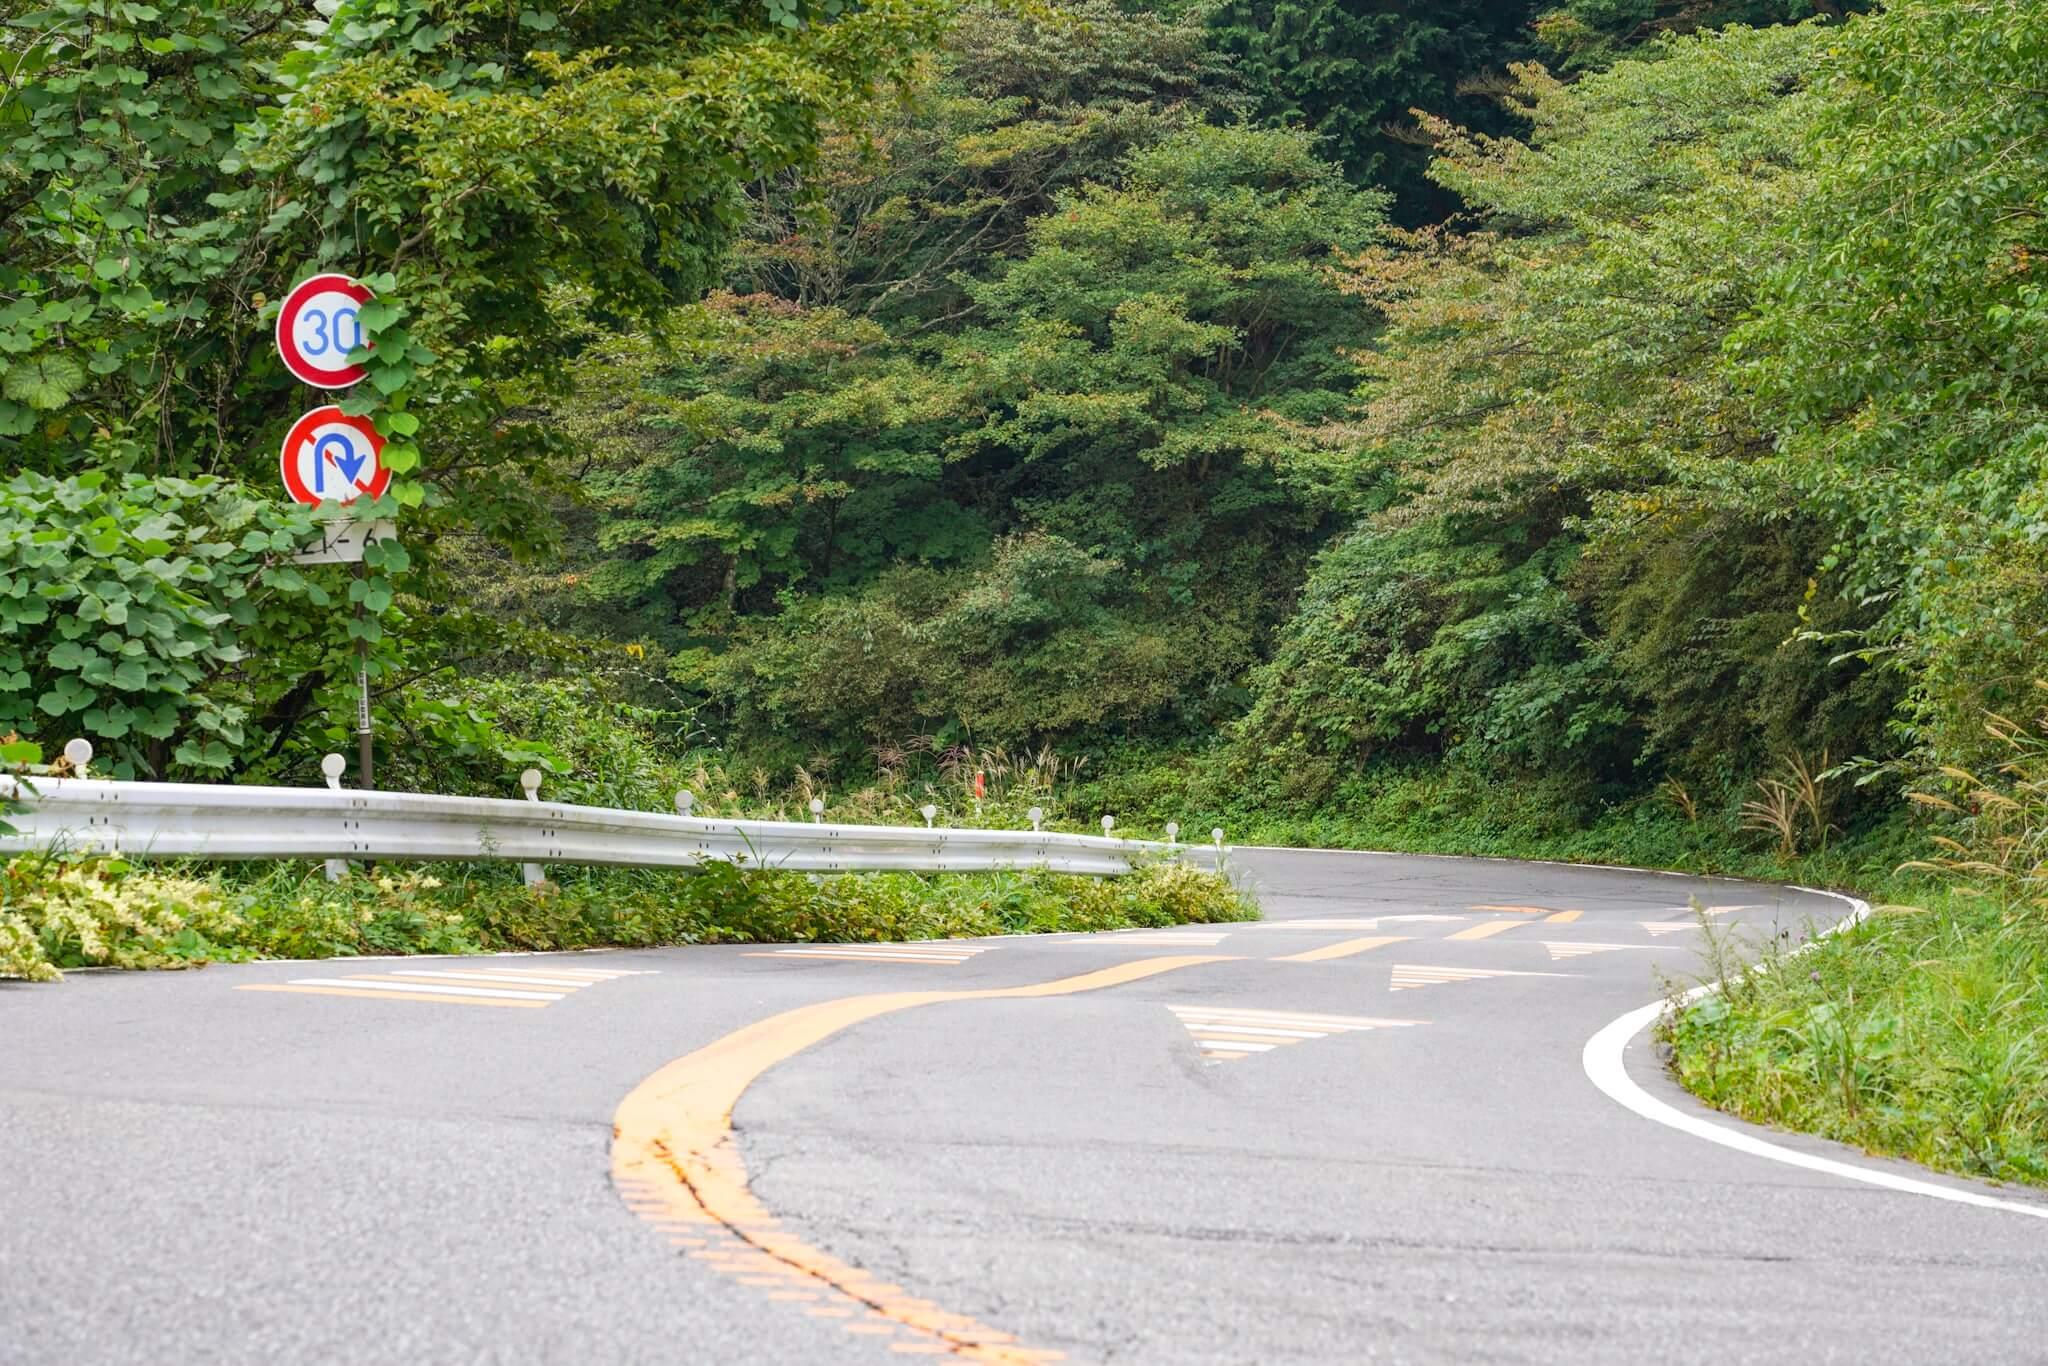 榛名山 速度抑制の路面凹凸